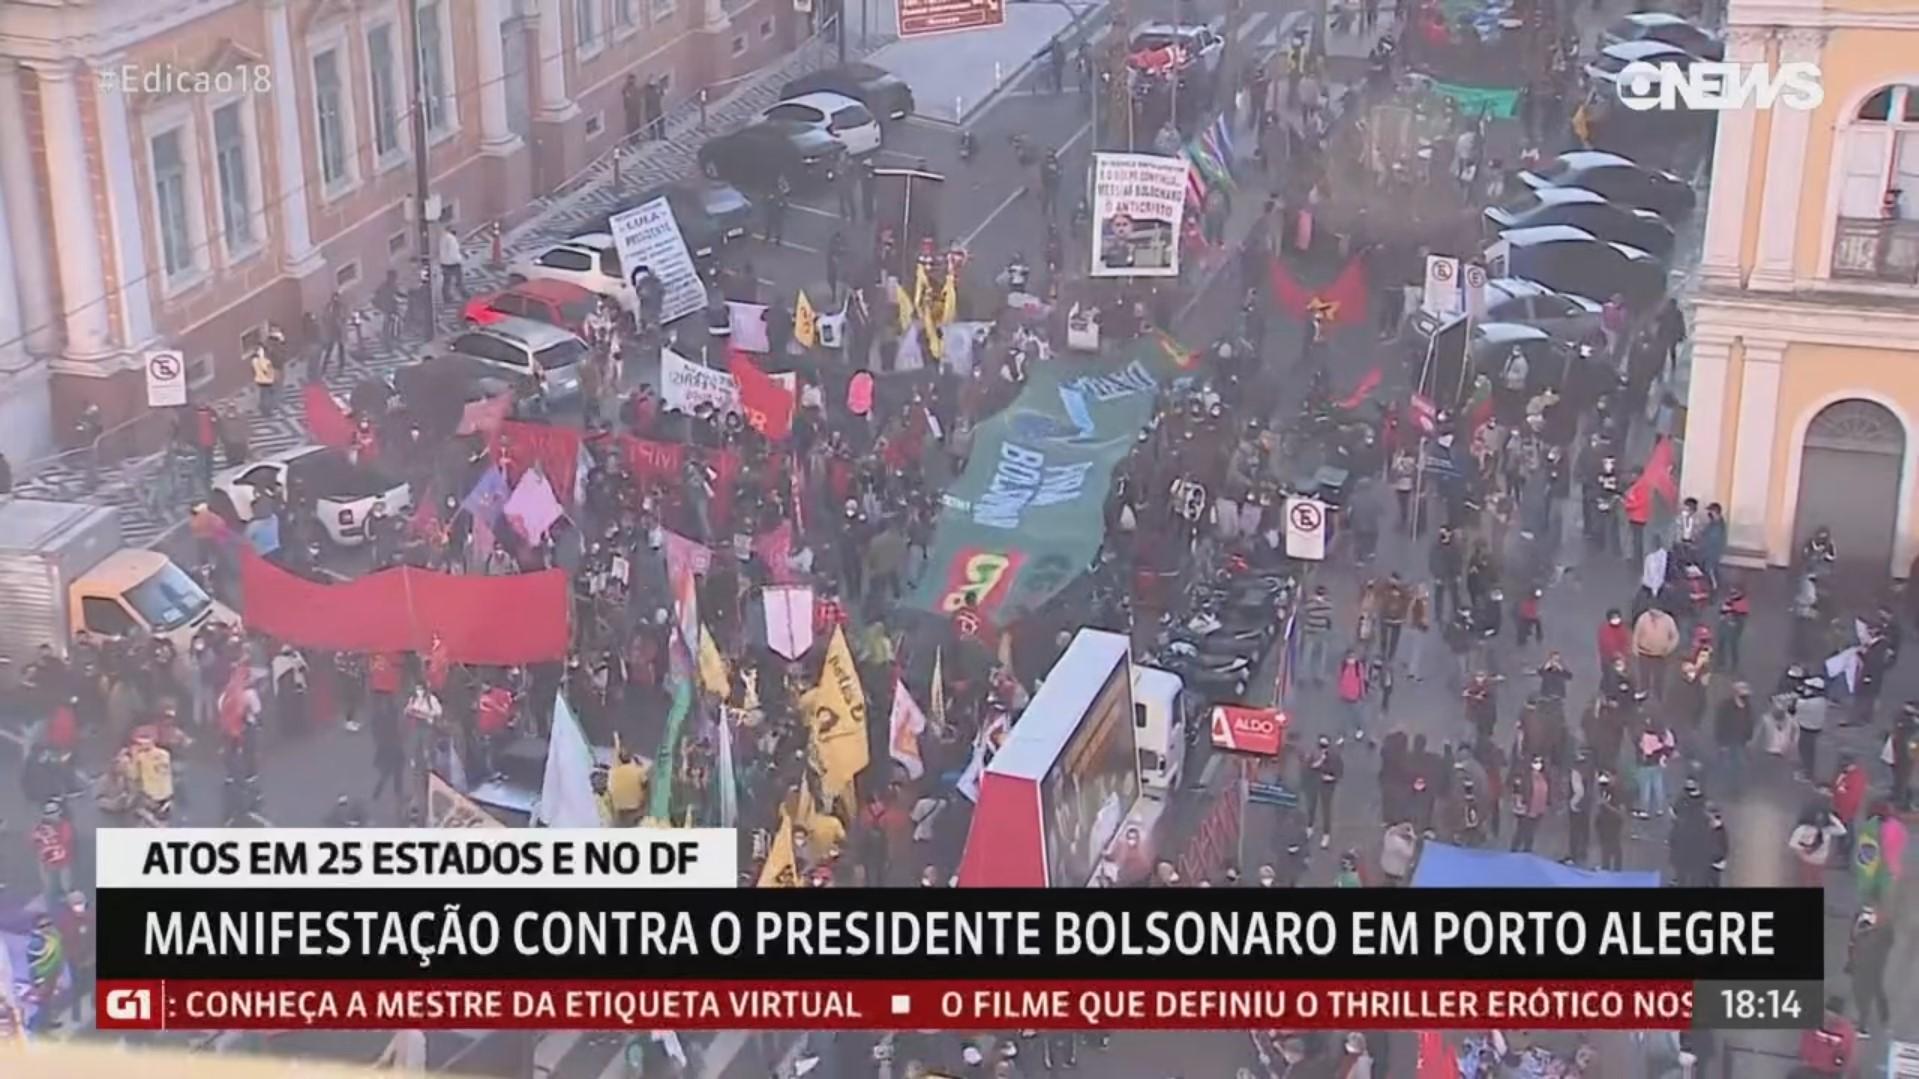 Foto: reprodução RBS TV / GloboNews